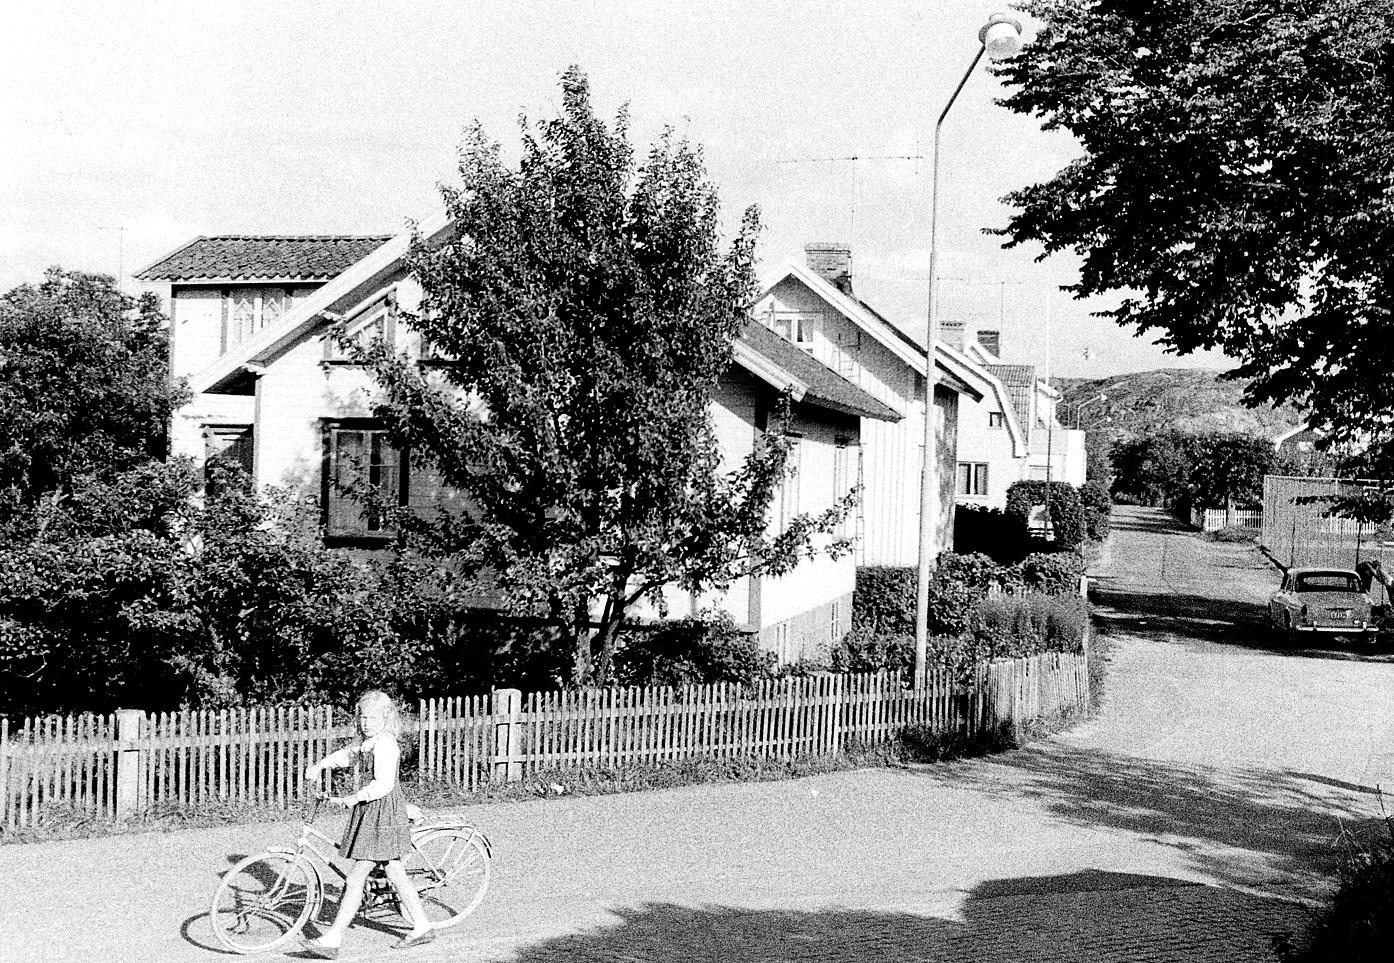 Foto Claes Funck. Korsningen Strandvägen Tennisvägen.